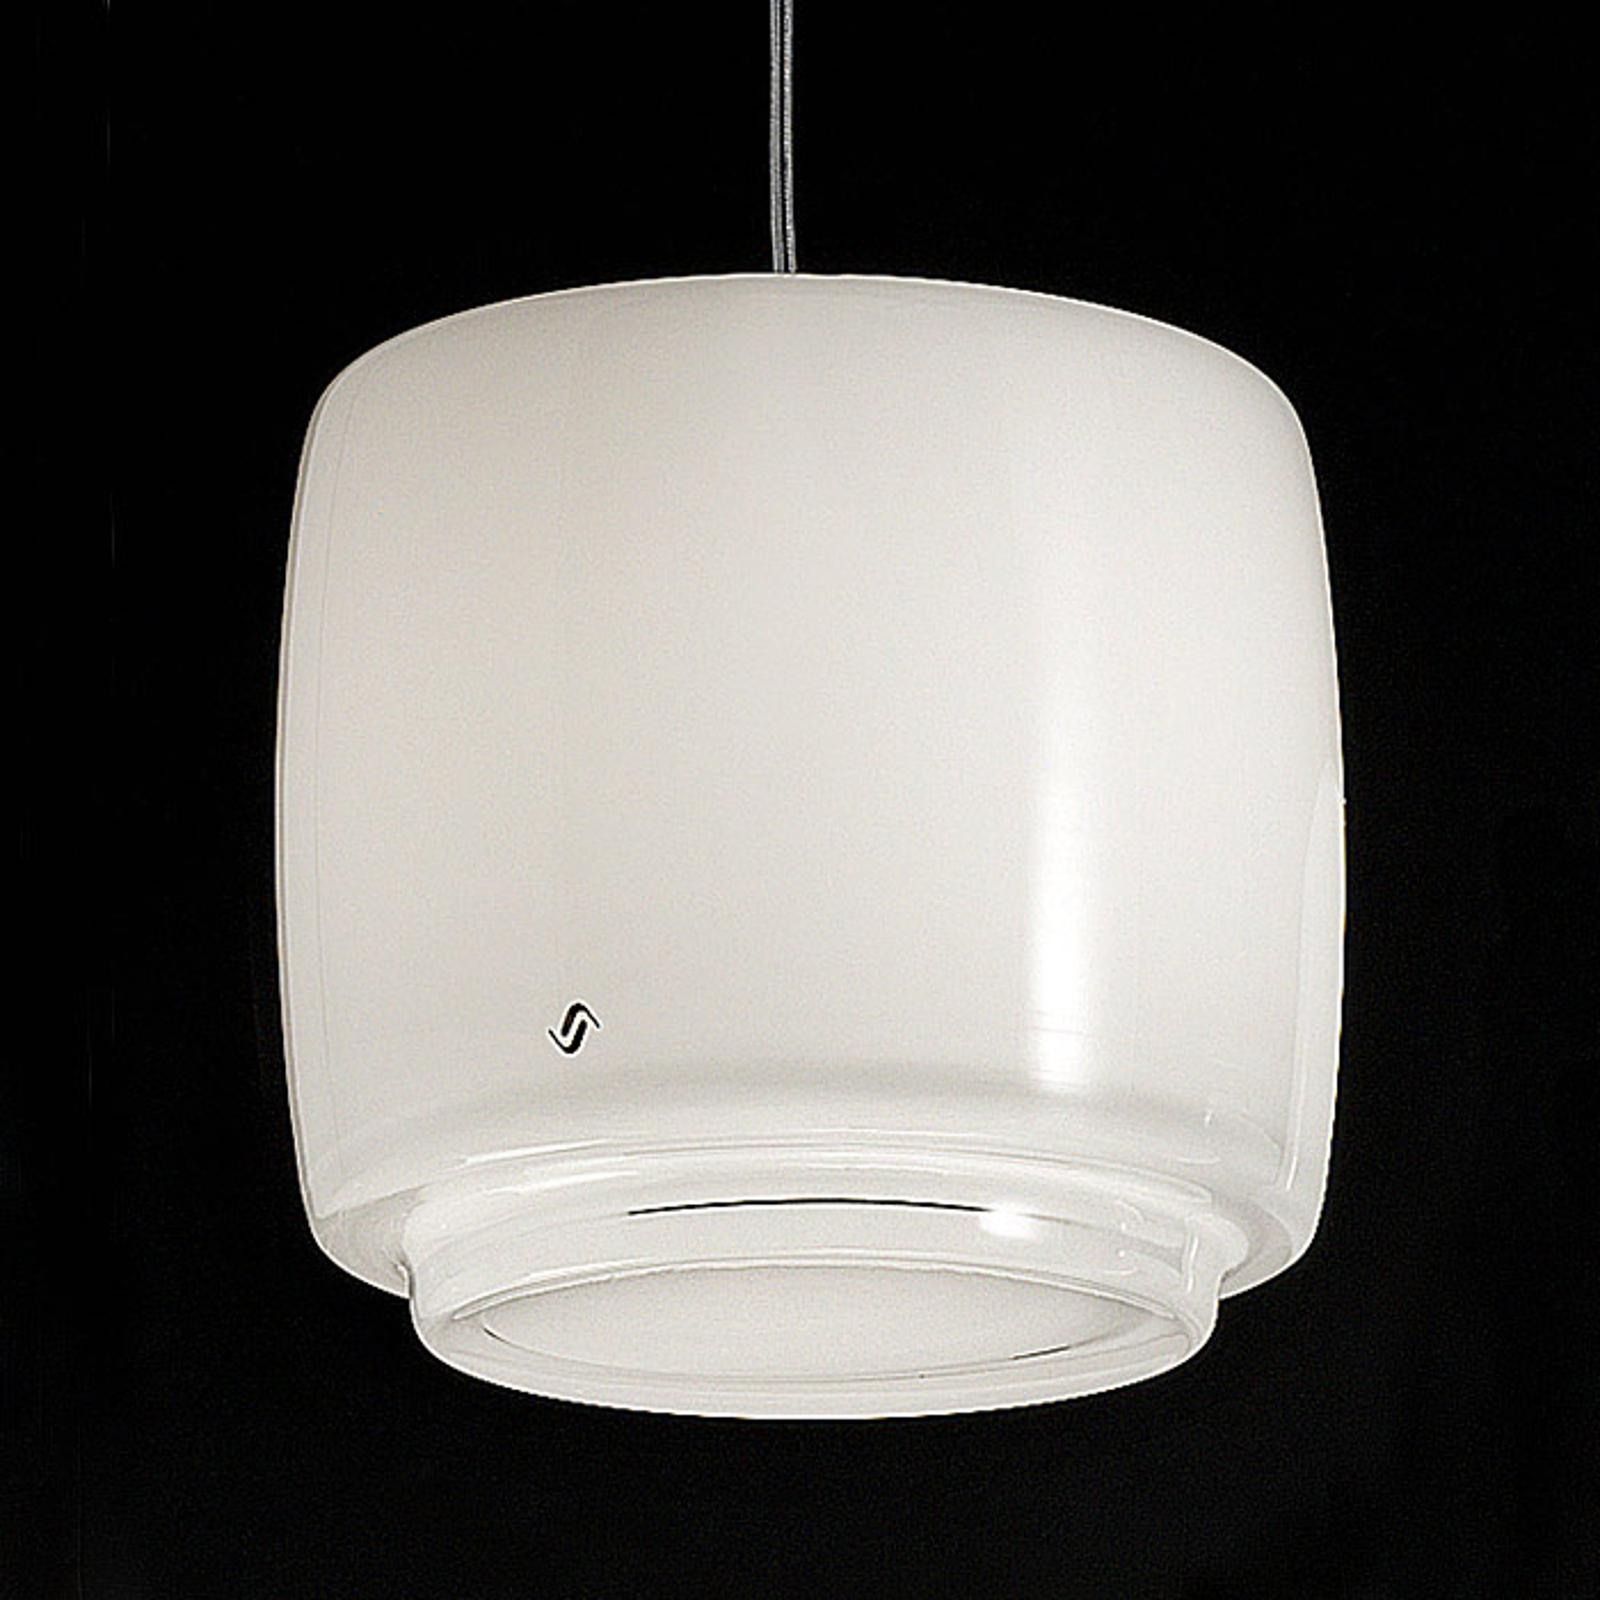 Szklana lampa wisząca BOT, Ø 16 cm